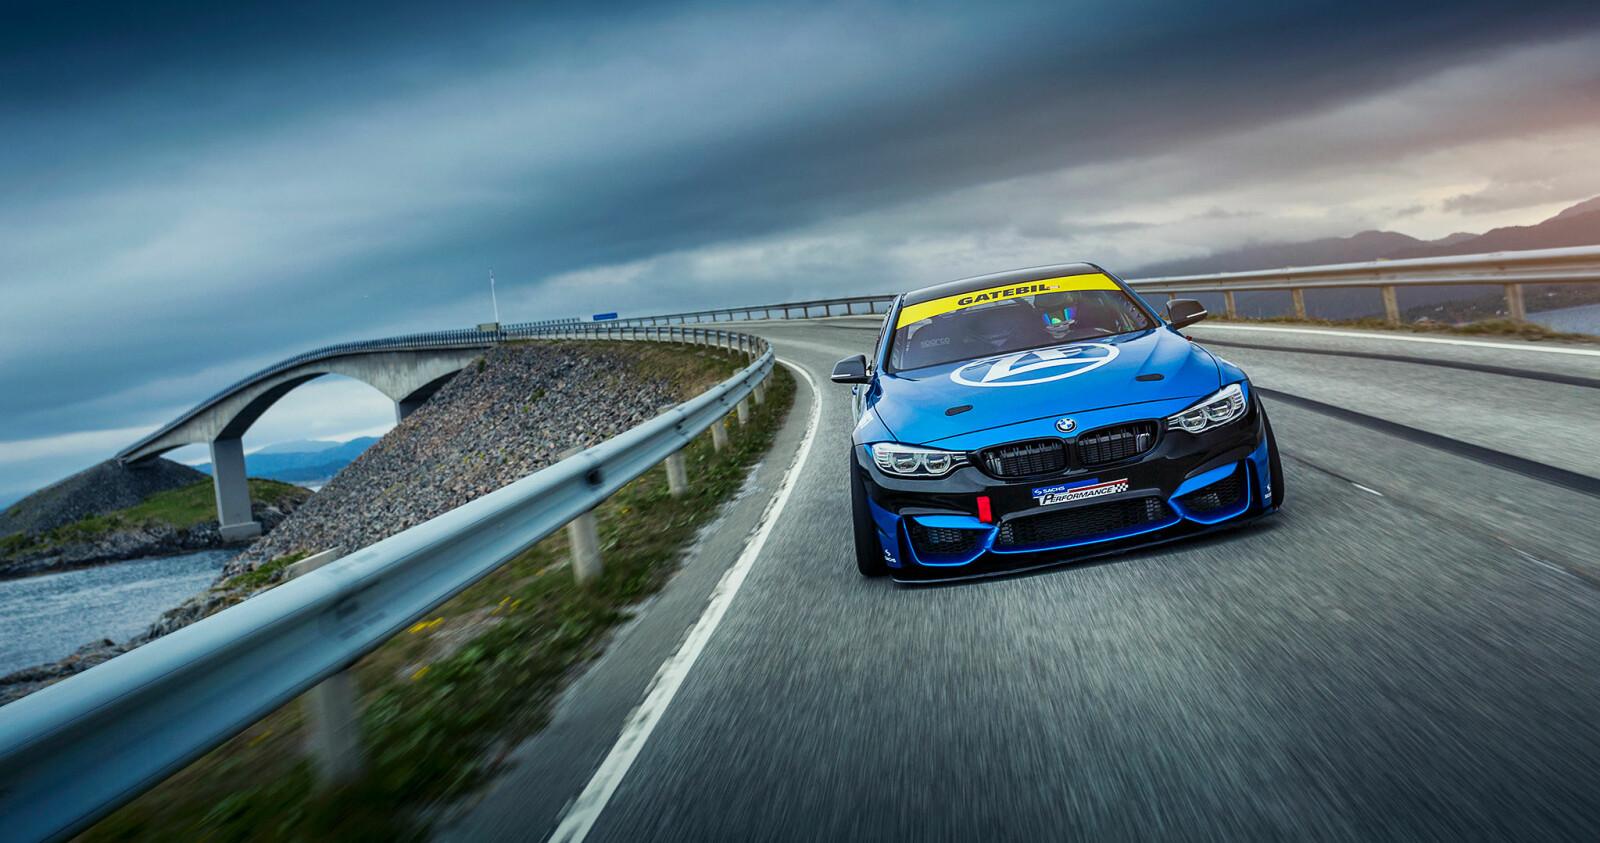 <b>NORGESDRØMMEN:</b> Joachim Waagard gikk fra Mazda til BMW. Og der har han blitt.